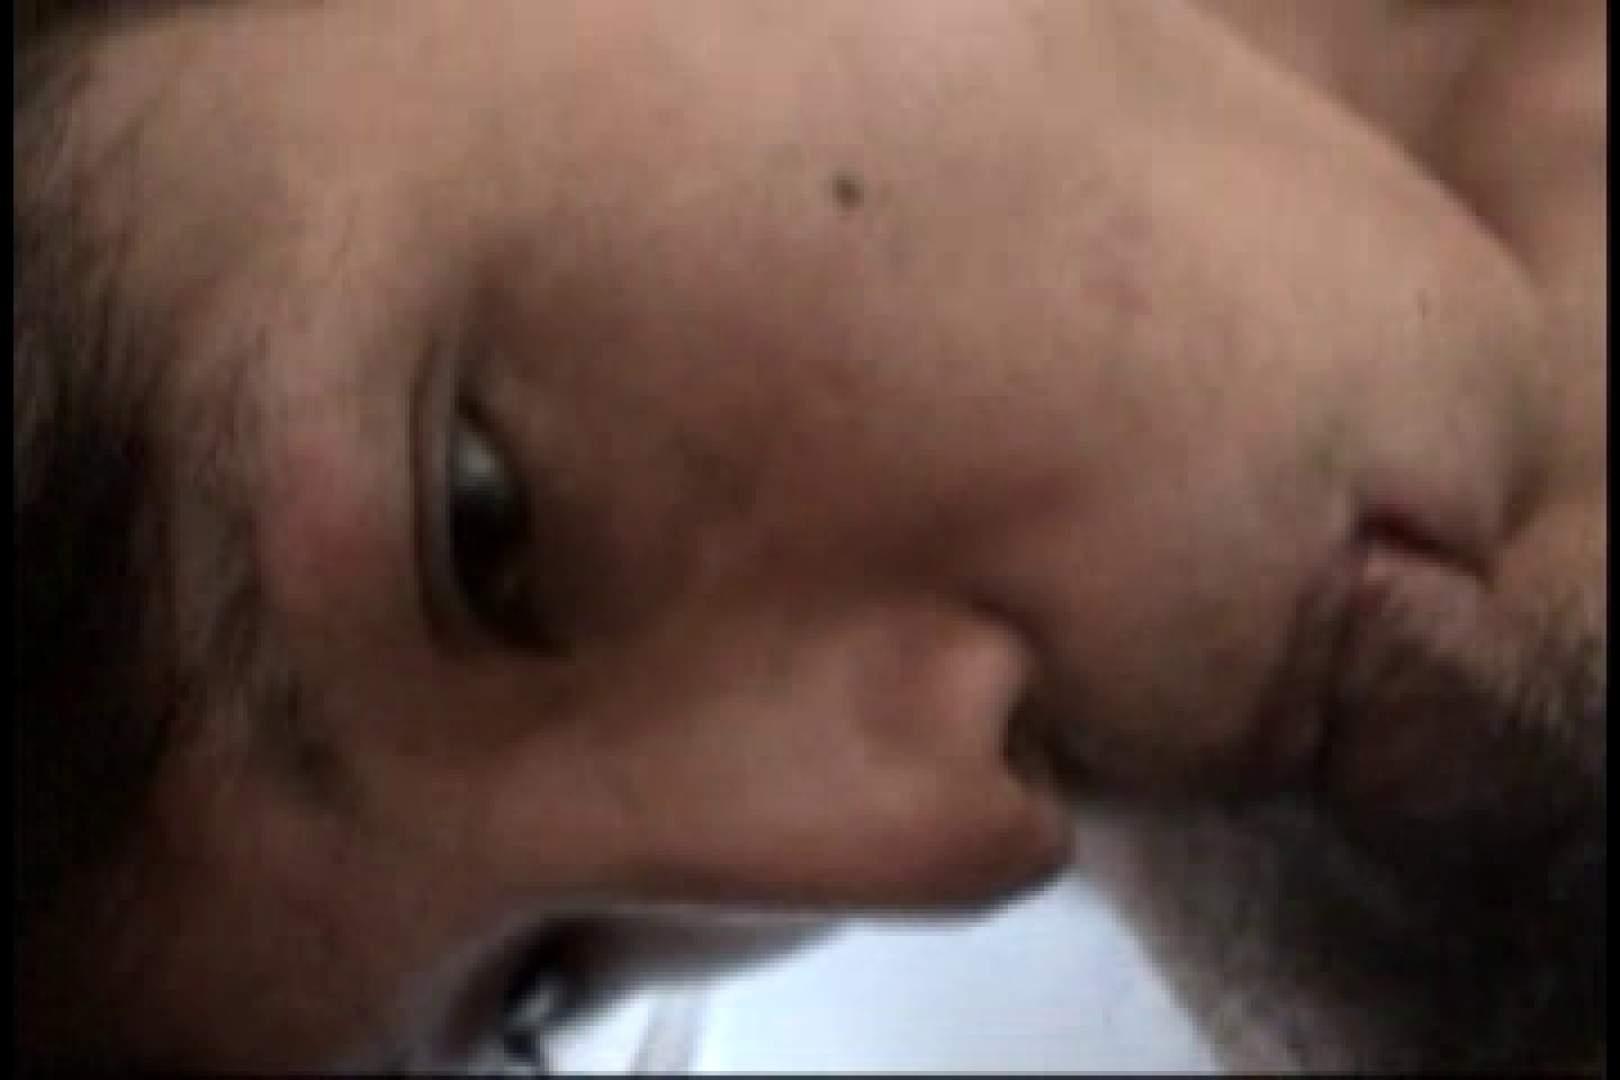 三ツ星シリーズ!!陰間茶屋独占!!第二弾!!イケメン羞恥心File.07 ★★★シリーズ ゲイアダルトビデオ画像 108pic 108